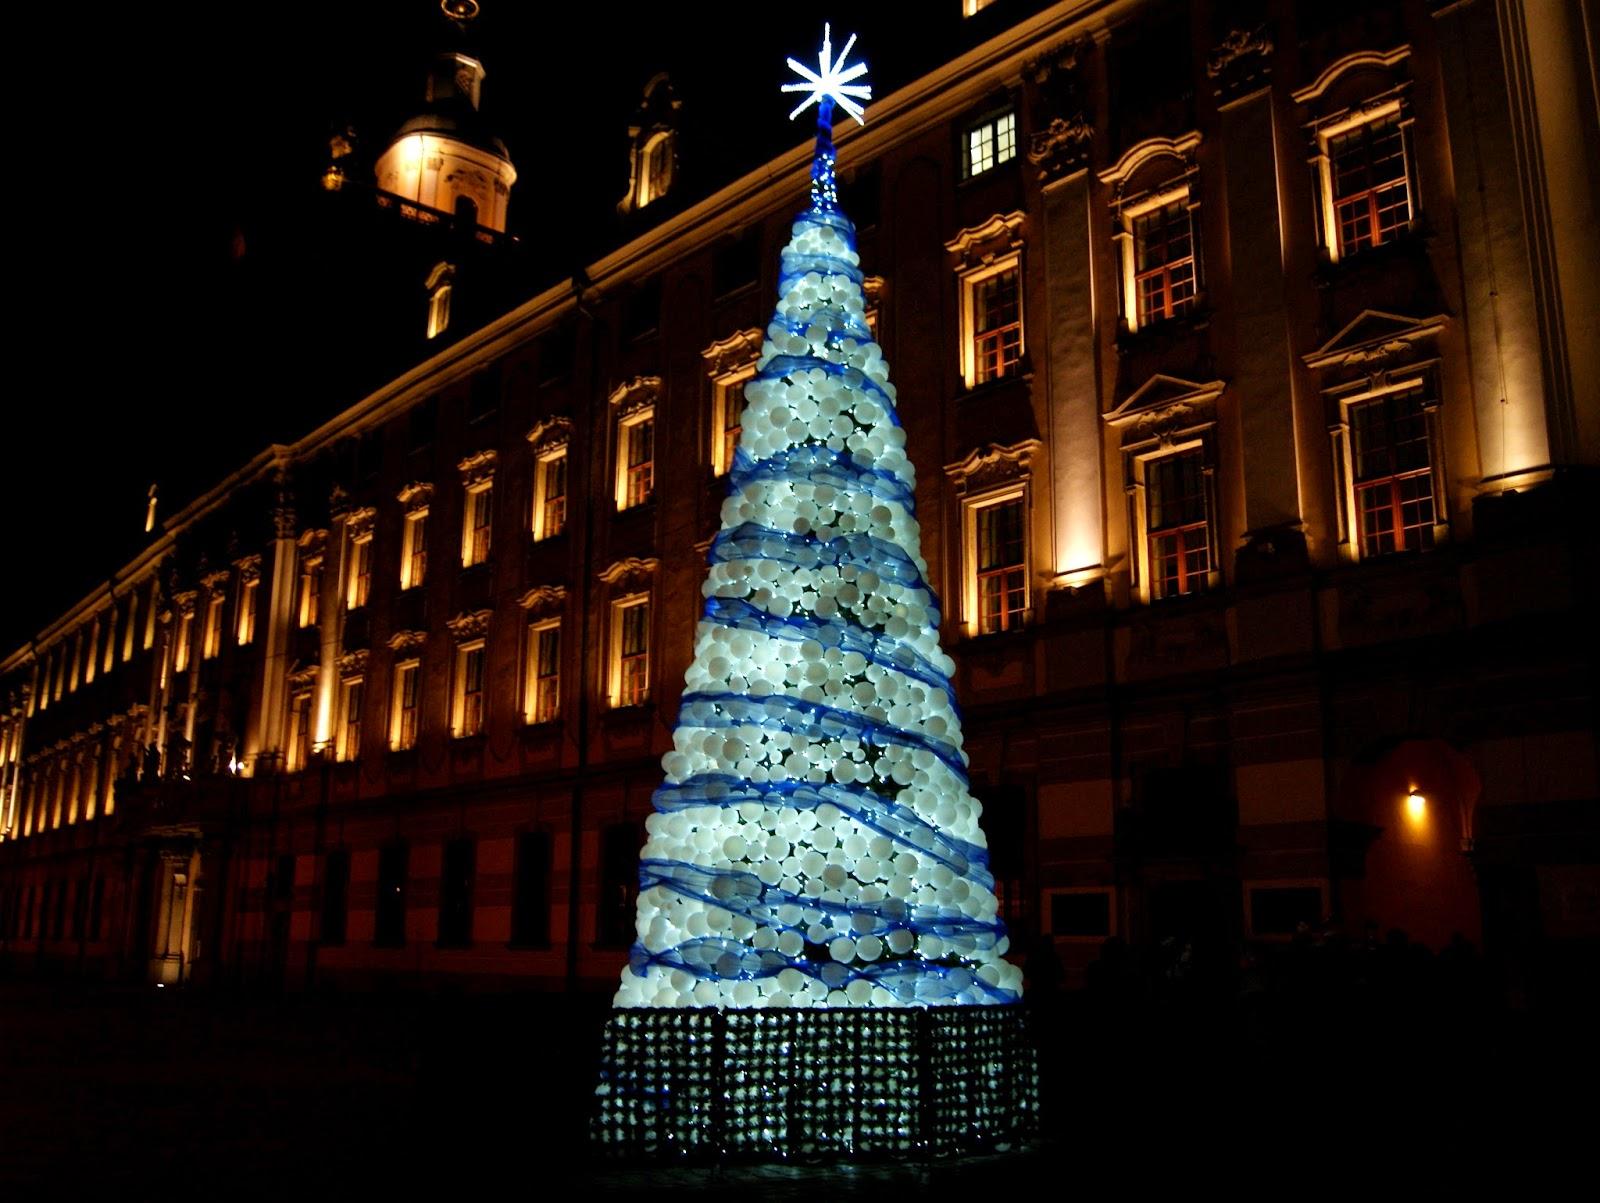 Uniwersytet Wrocławski choinka Wrocław Boże Narodzenie noc